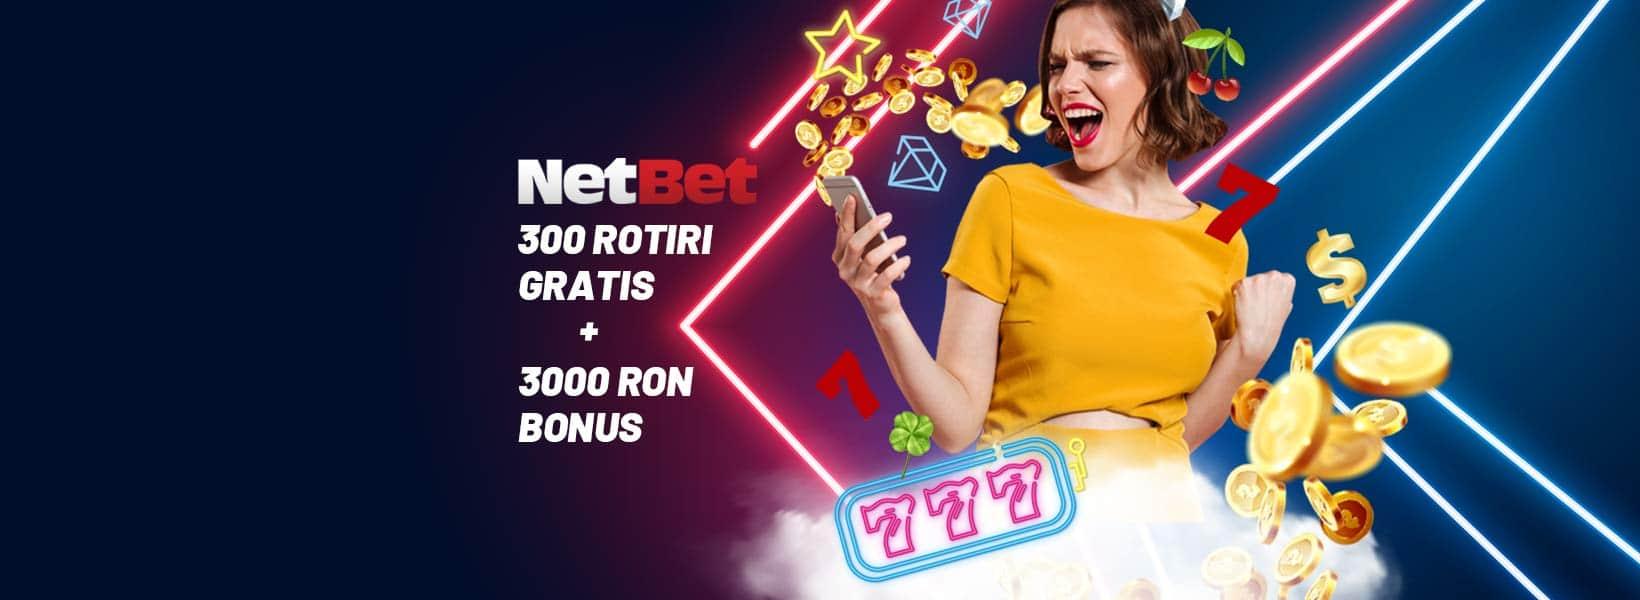 300 rotiri gratuite Netbet